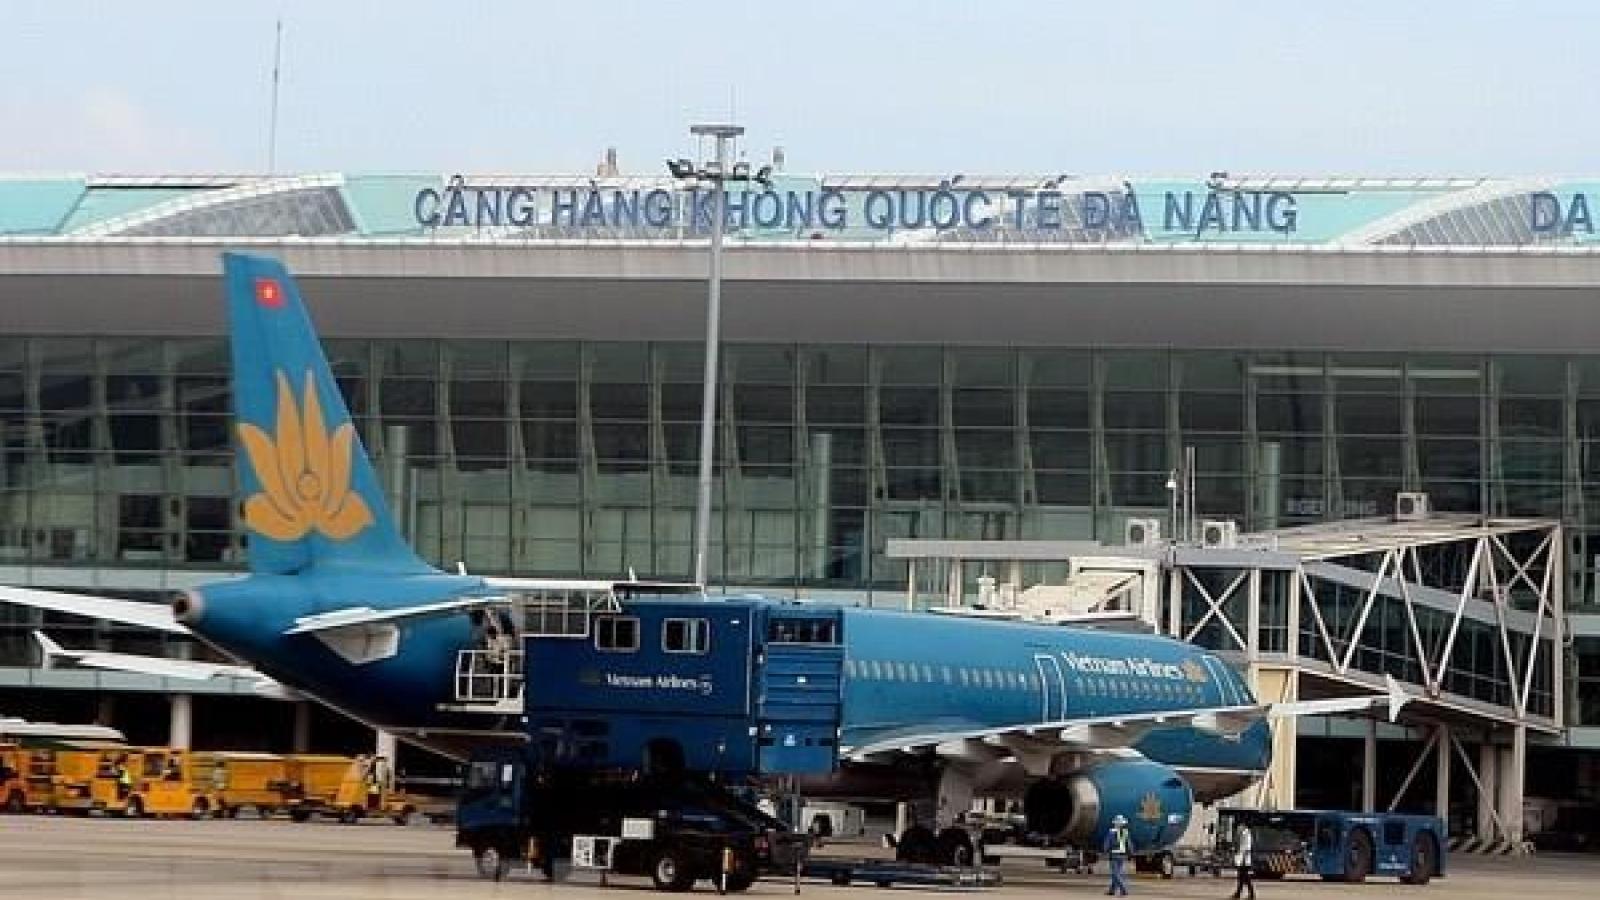 Sân bay đóng cửa, các hãng hủy bay do ảnh hưởng của bão số 13